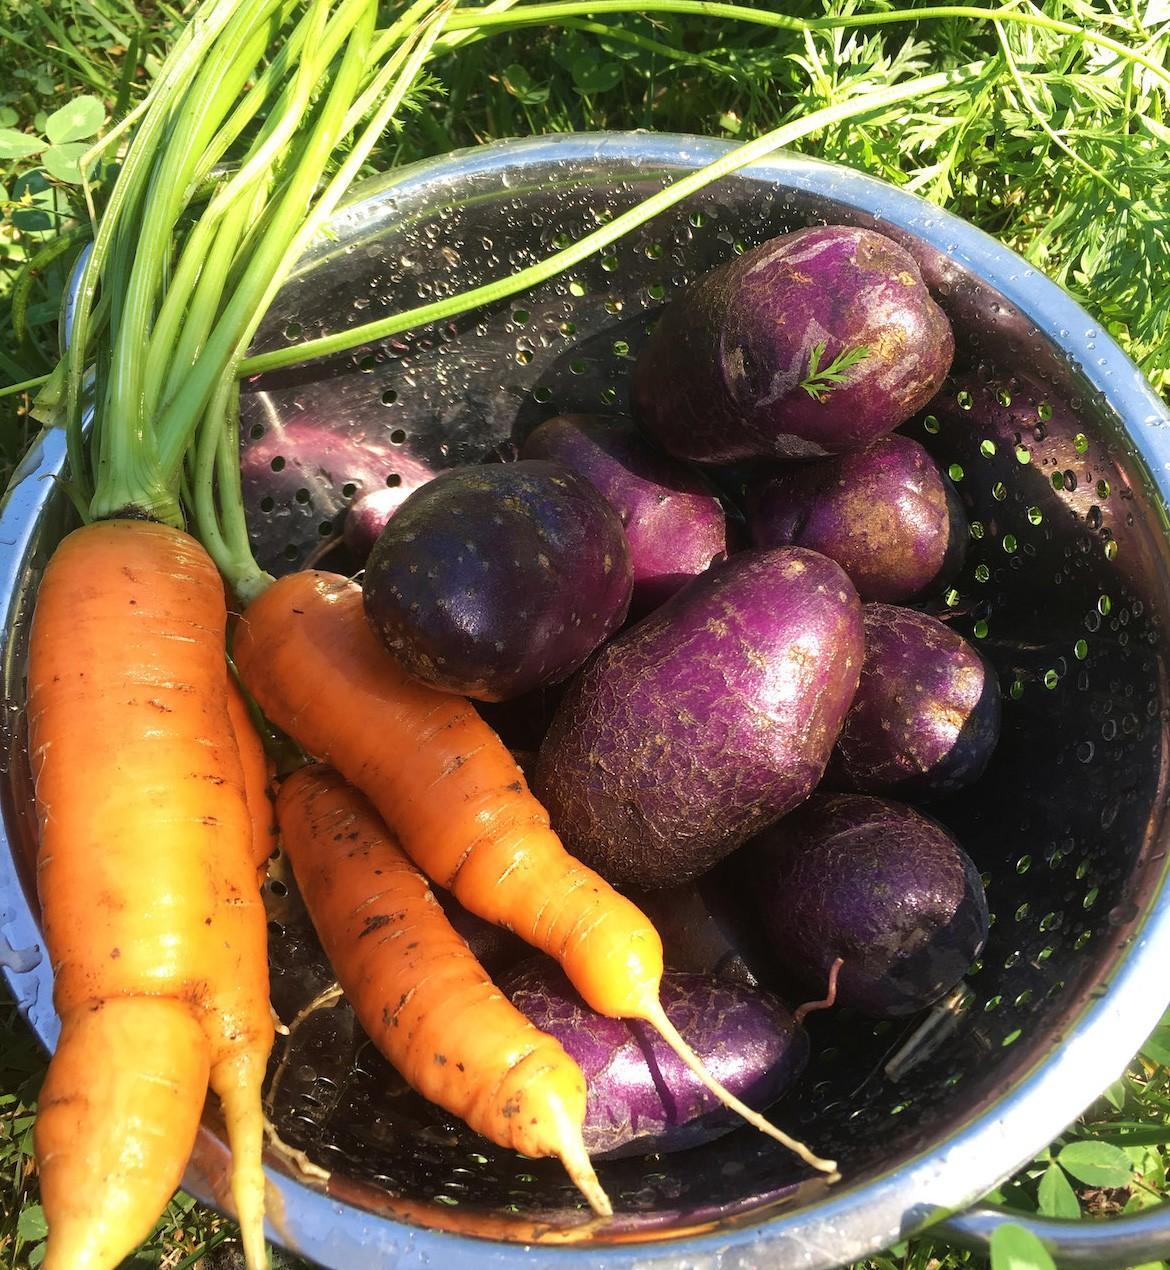 Ha már lett kertem, néhány egyszerűen termeszthető zöldséggel (még) én is sikerrel jártam - vegyszer nélkül, helyben, csomagolás nélkül.